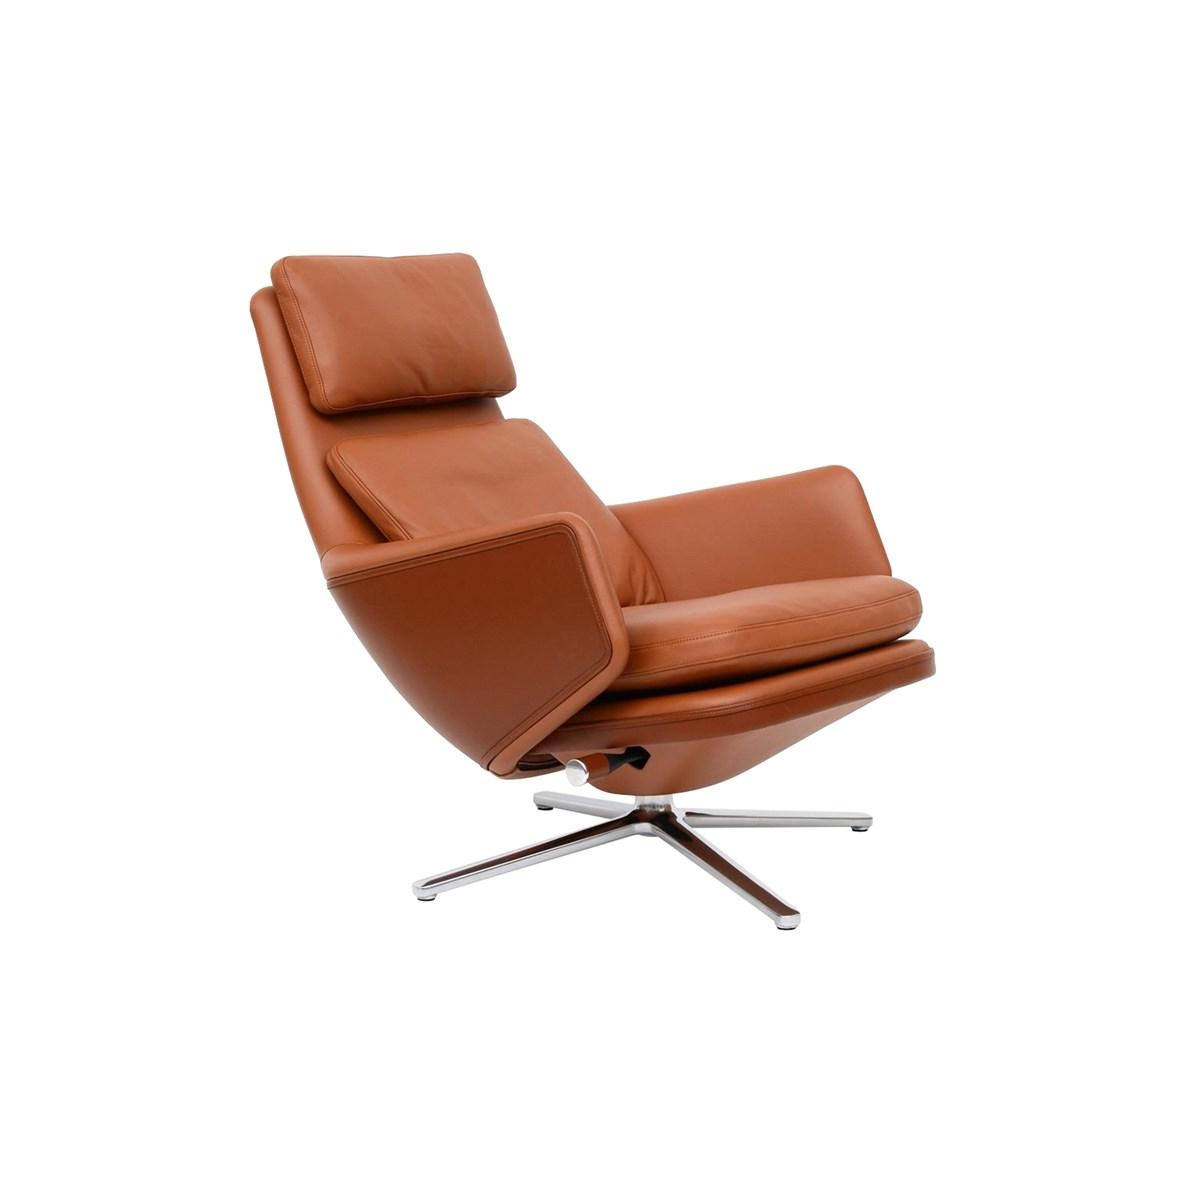 Vitra-Antonio-Citterio-Grand-Relax-Armchair-Matisse-1